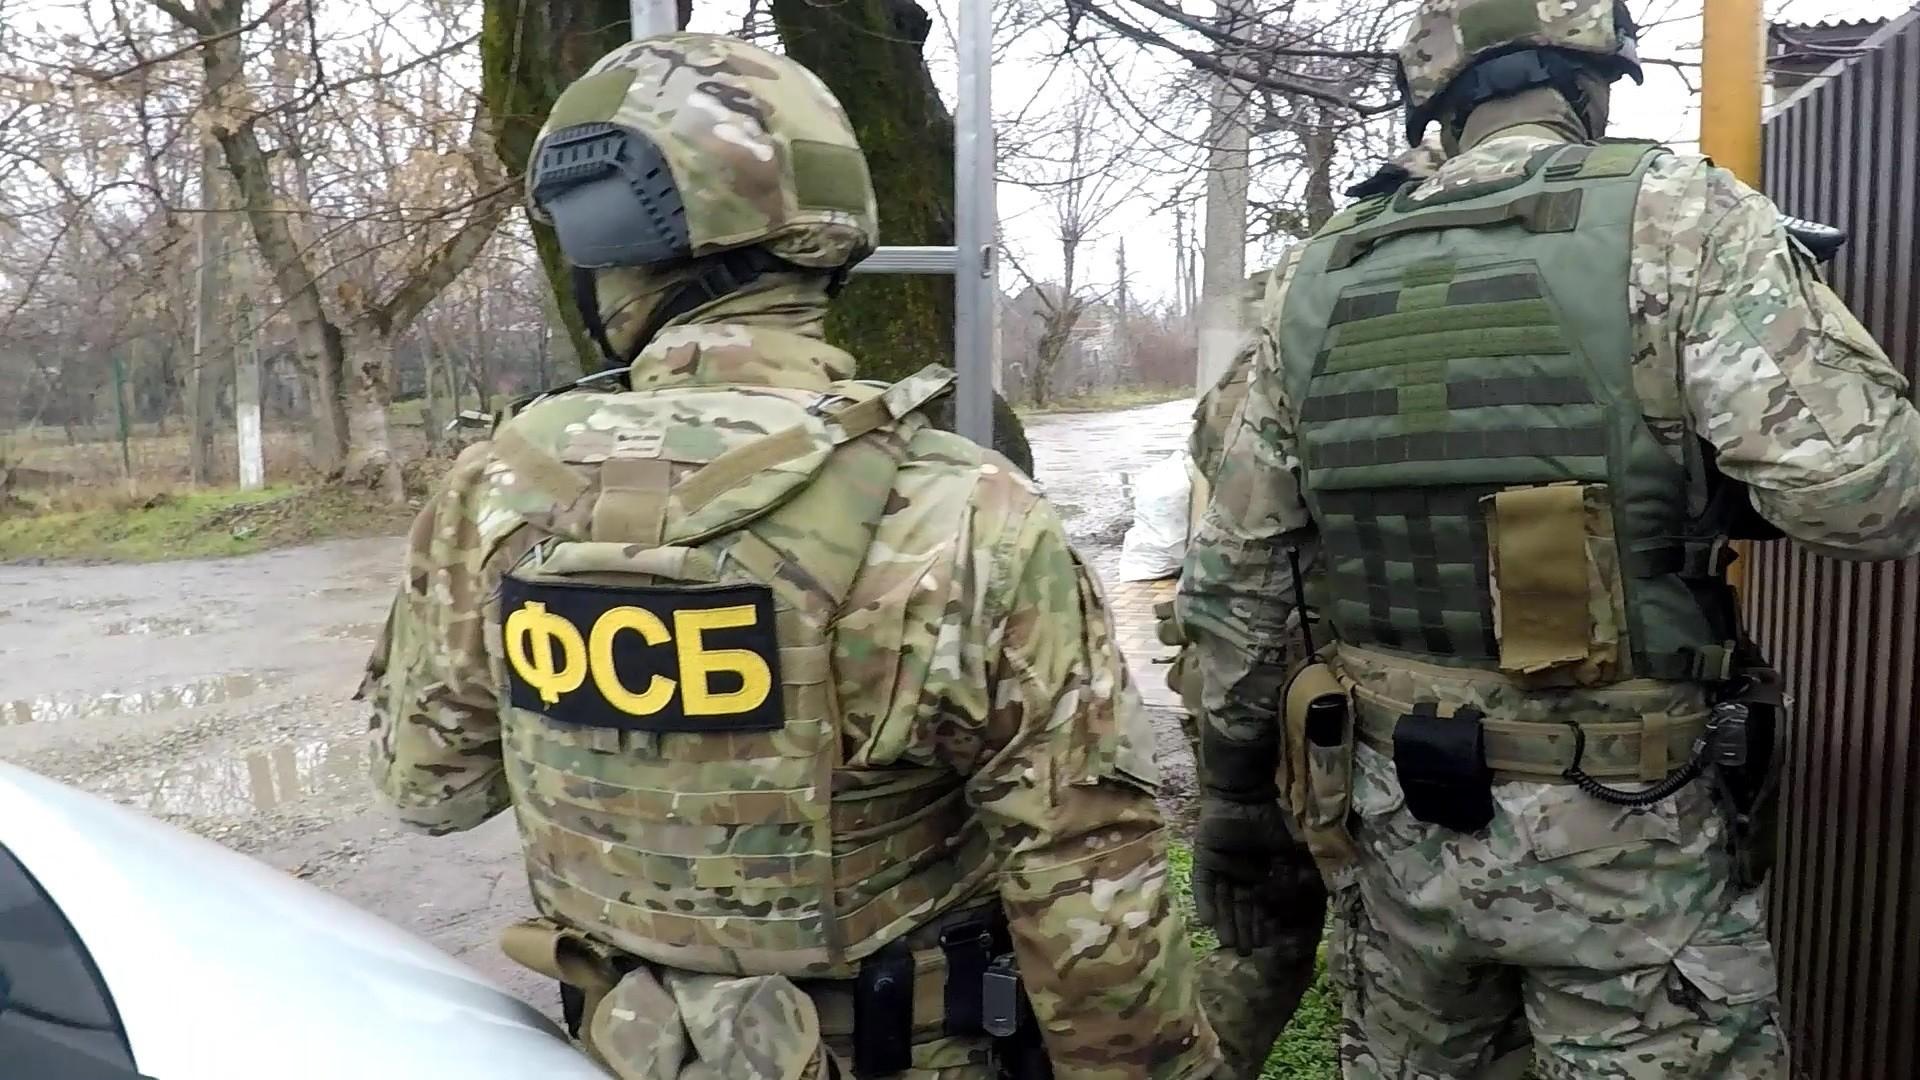 الأمن الروسي يحبط هجوما إرهابيا على قطعة عسكرية في روسيا